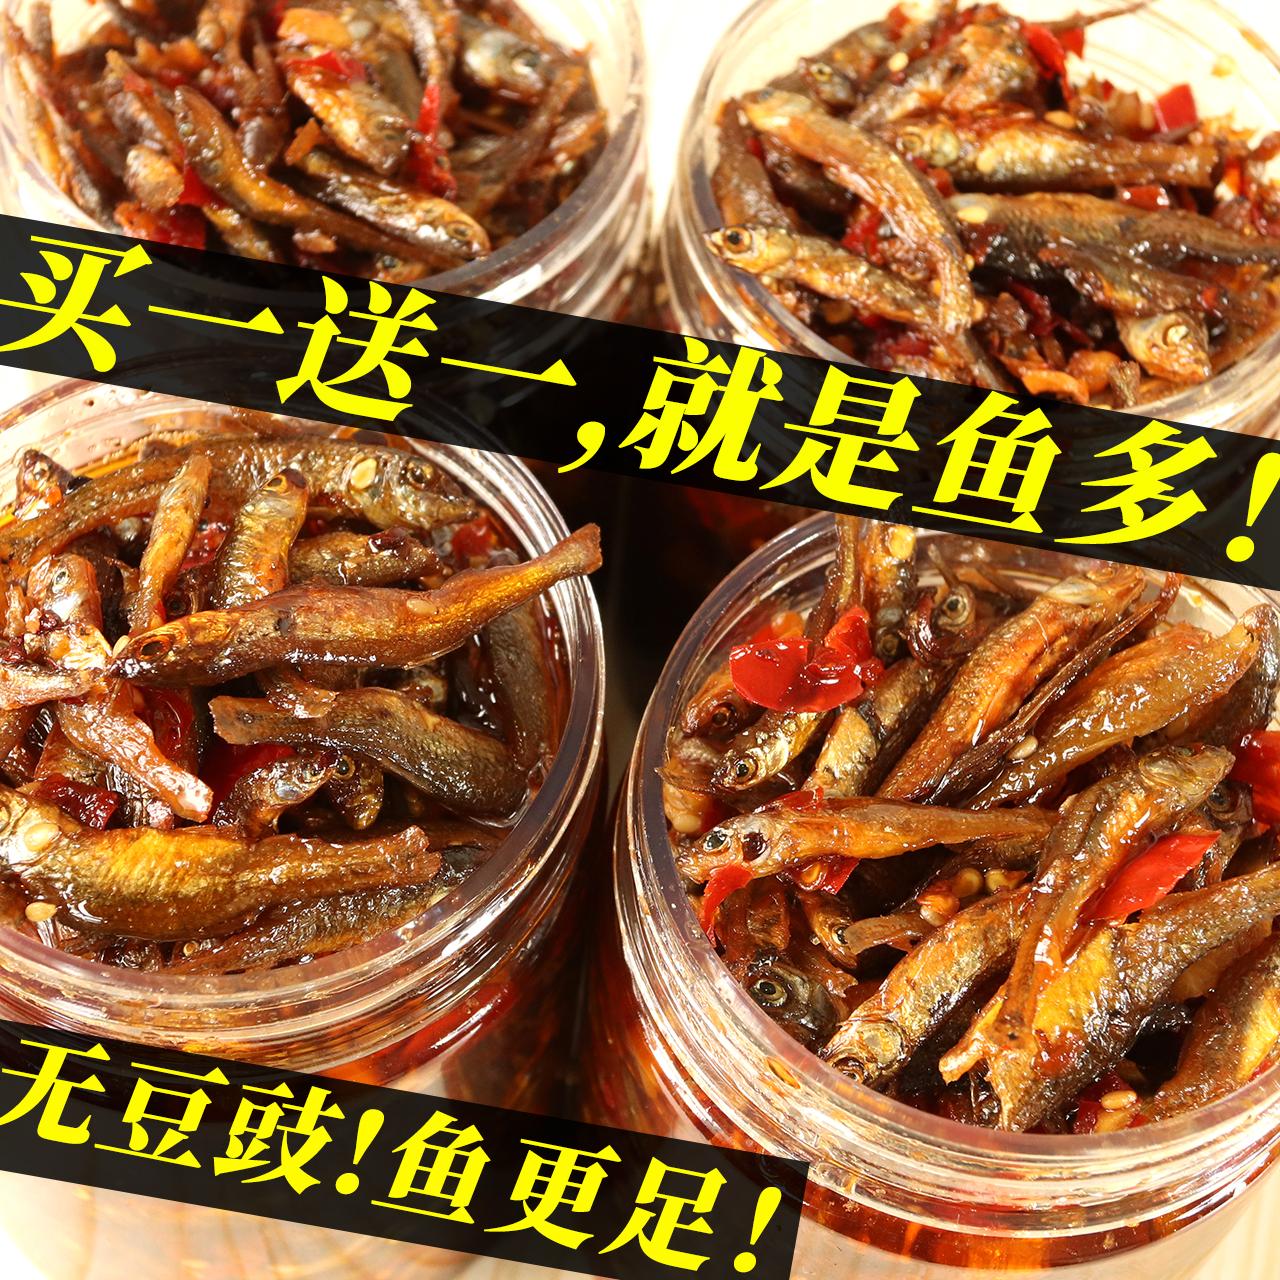 湖南柴火鱼农家自制特产小鱼仔280g香辣火培鱼下饭菜小鱼干罐装